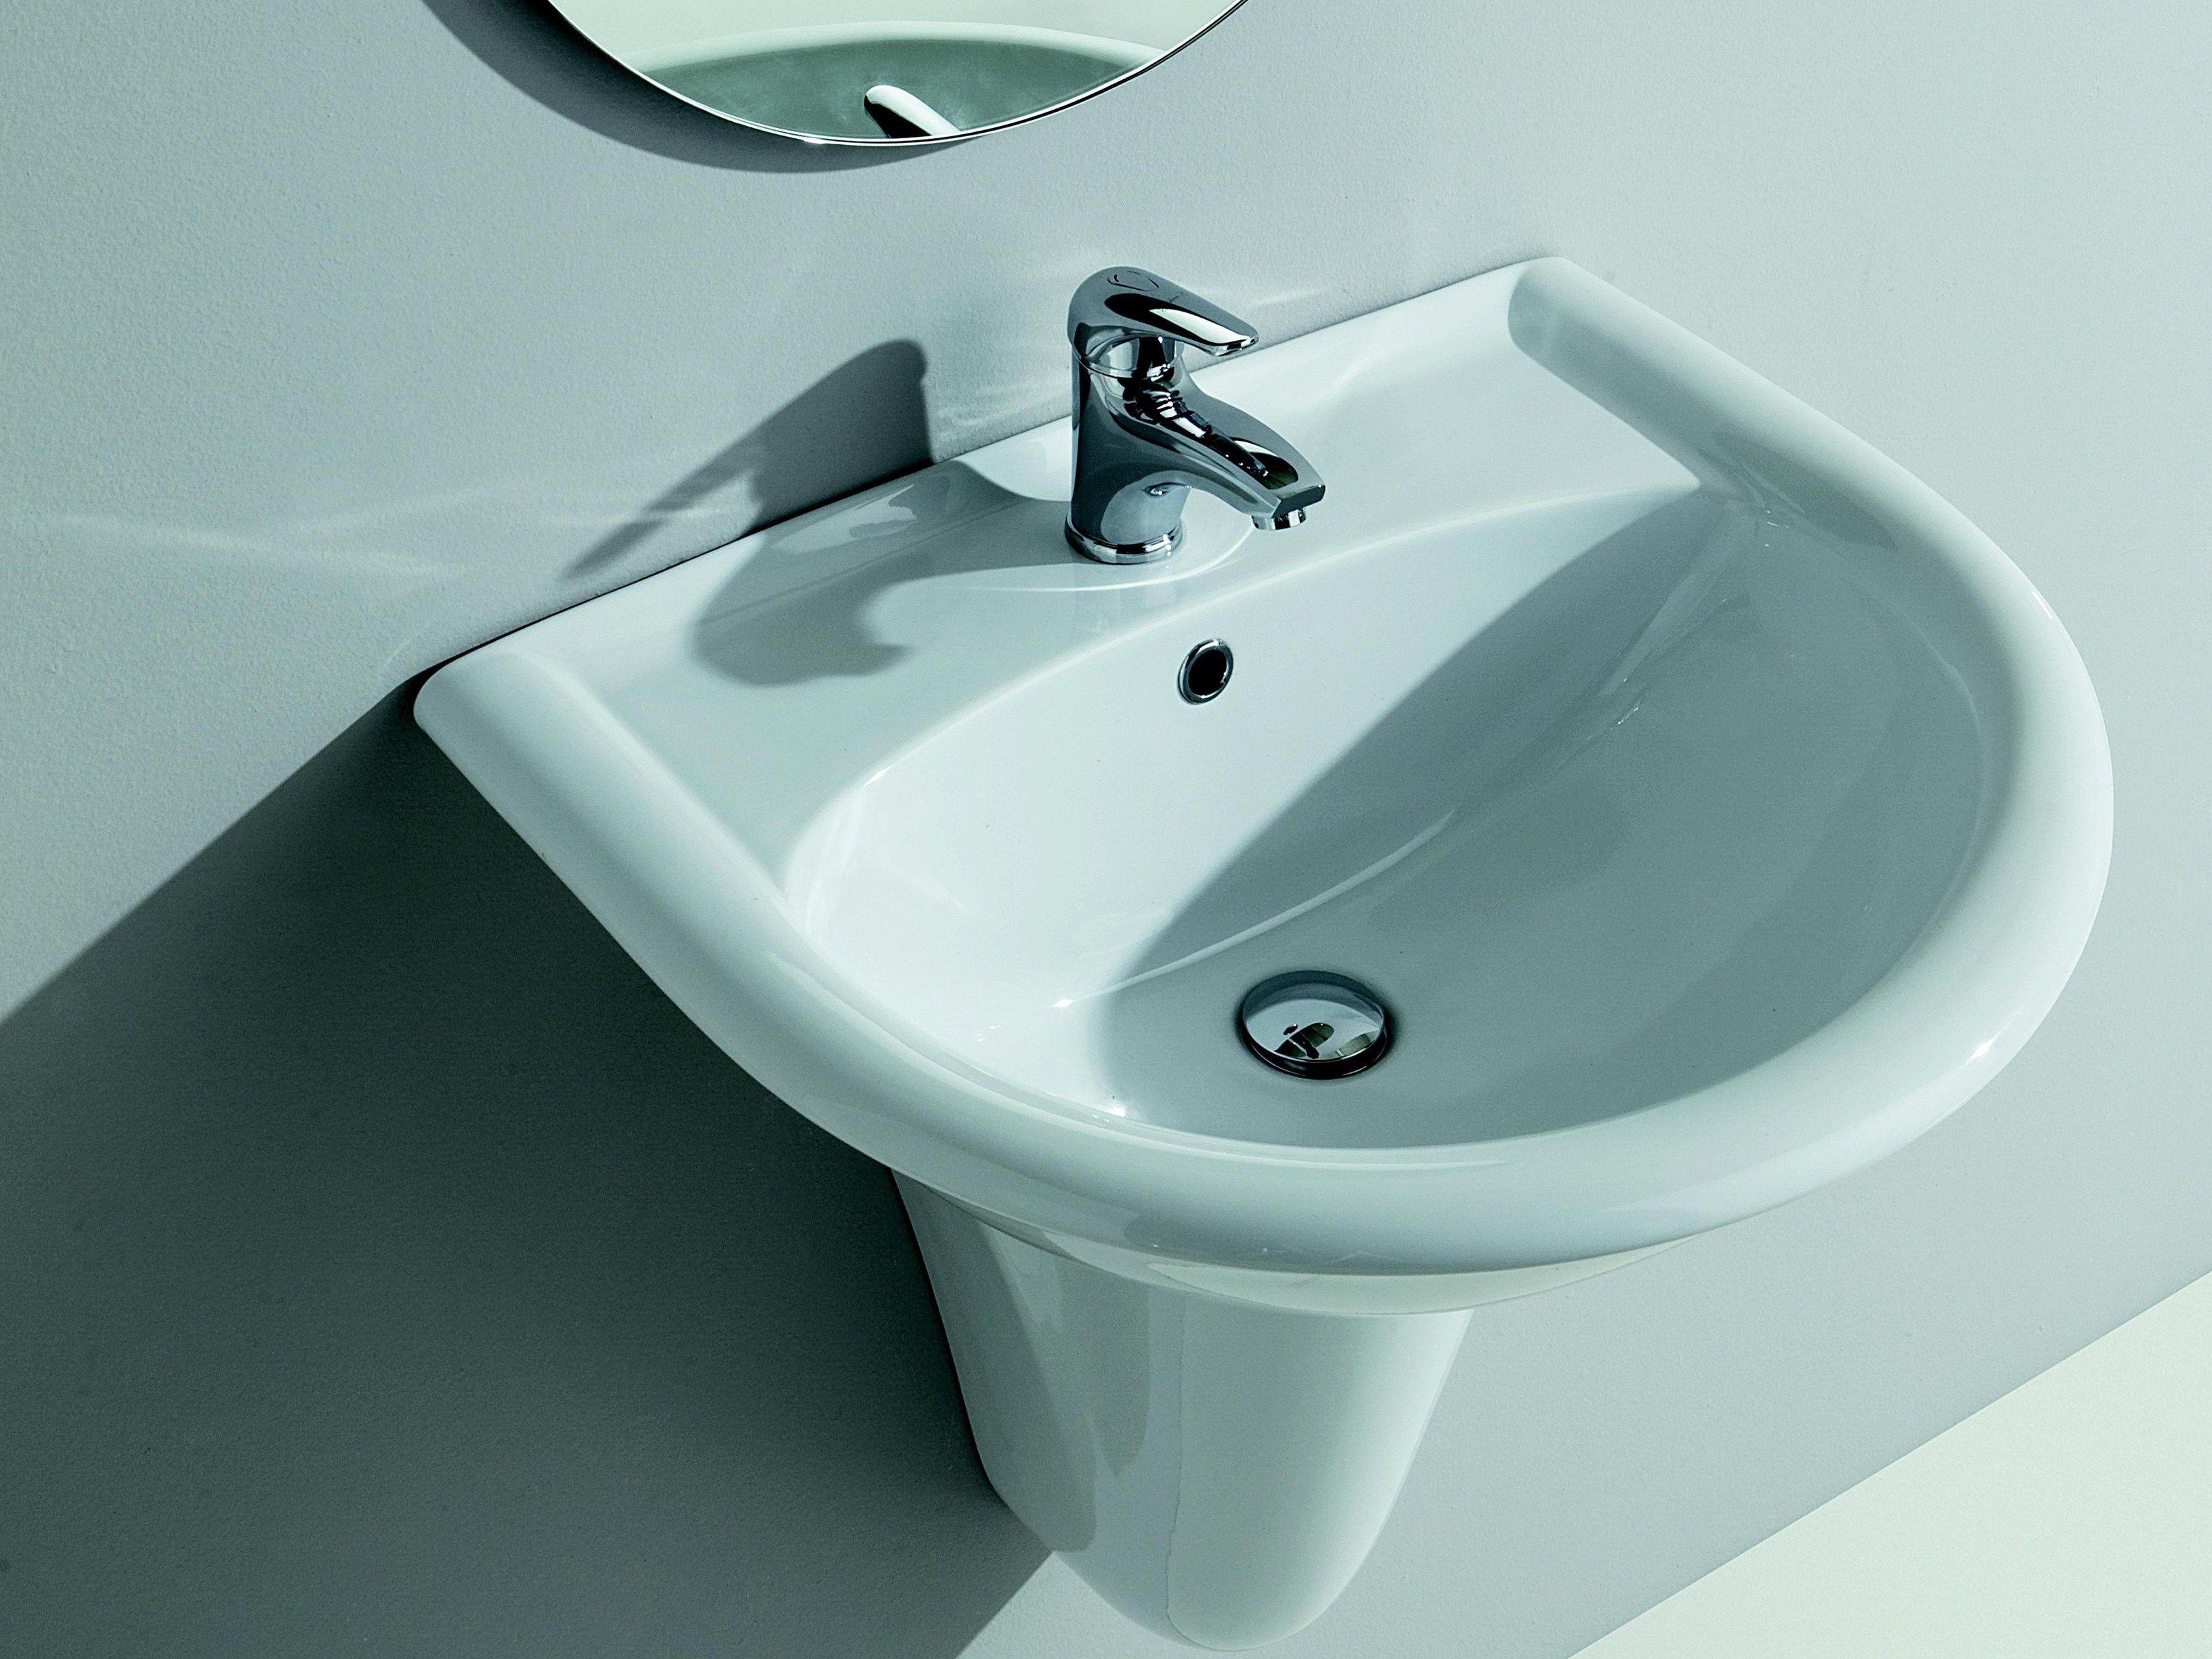 robinetterie salle de bain grohe pas cher solutions pour